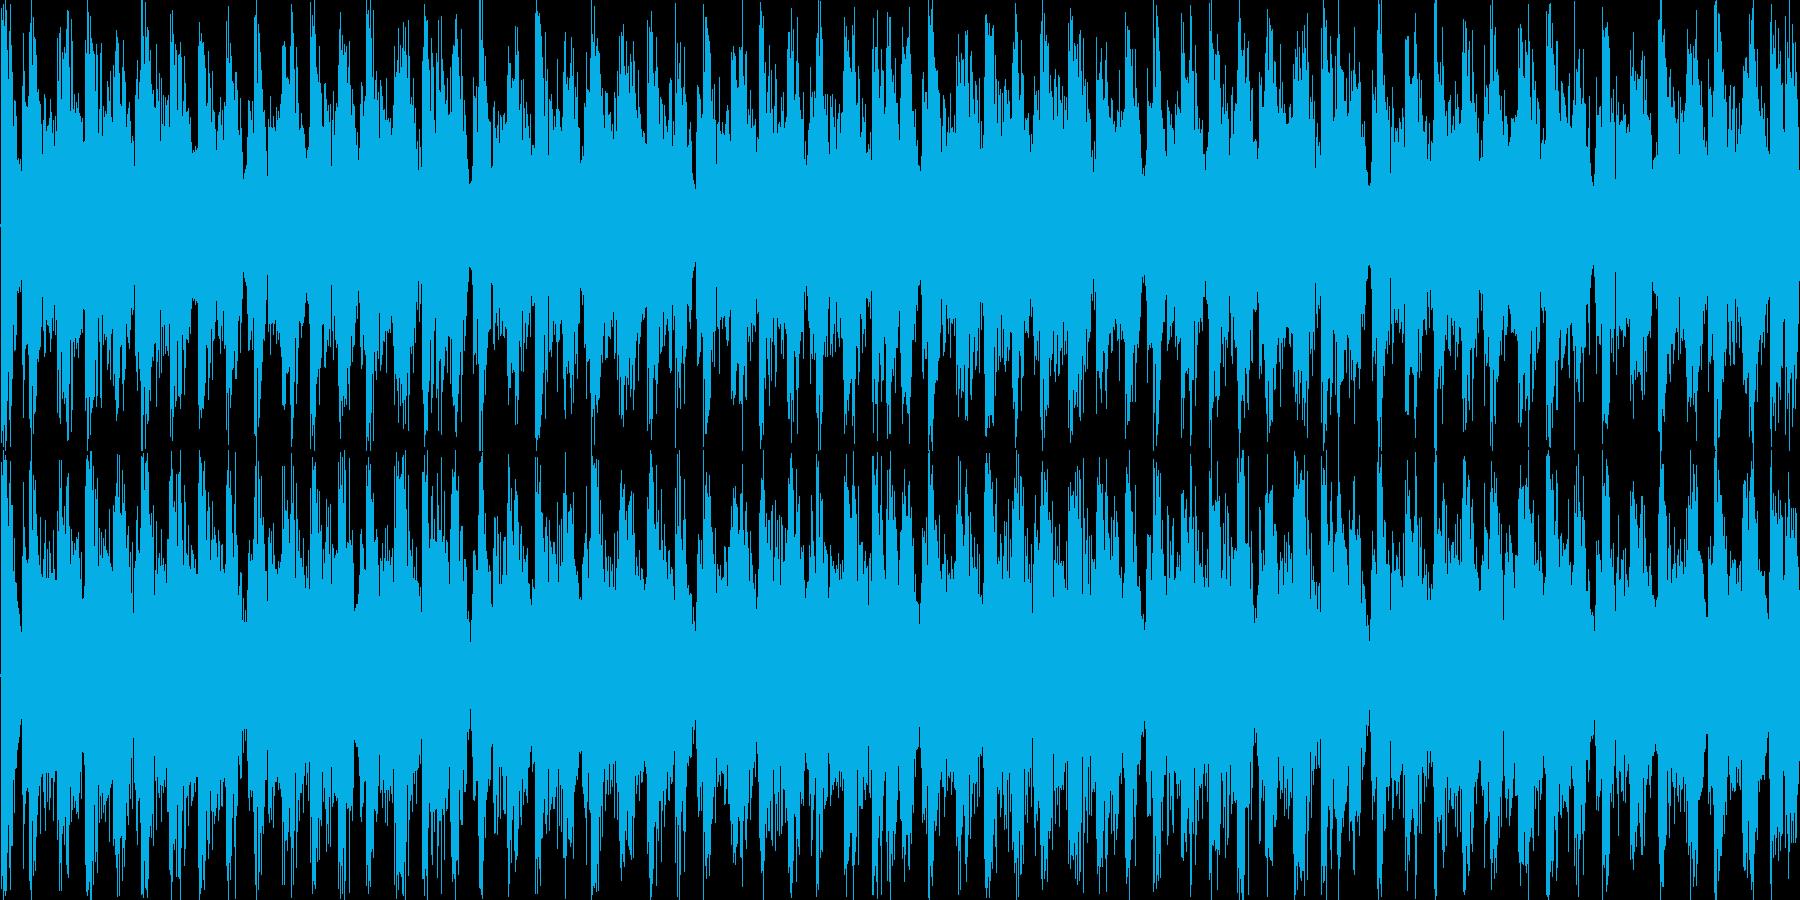 スタイリッシュで不穏な曲 ループ処理1の再生済みの波形